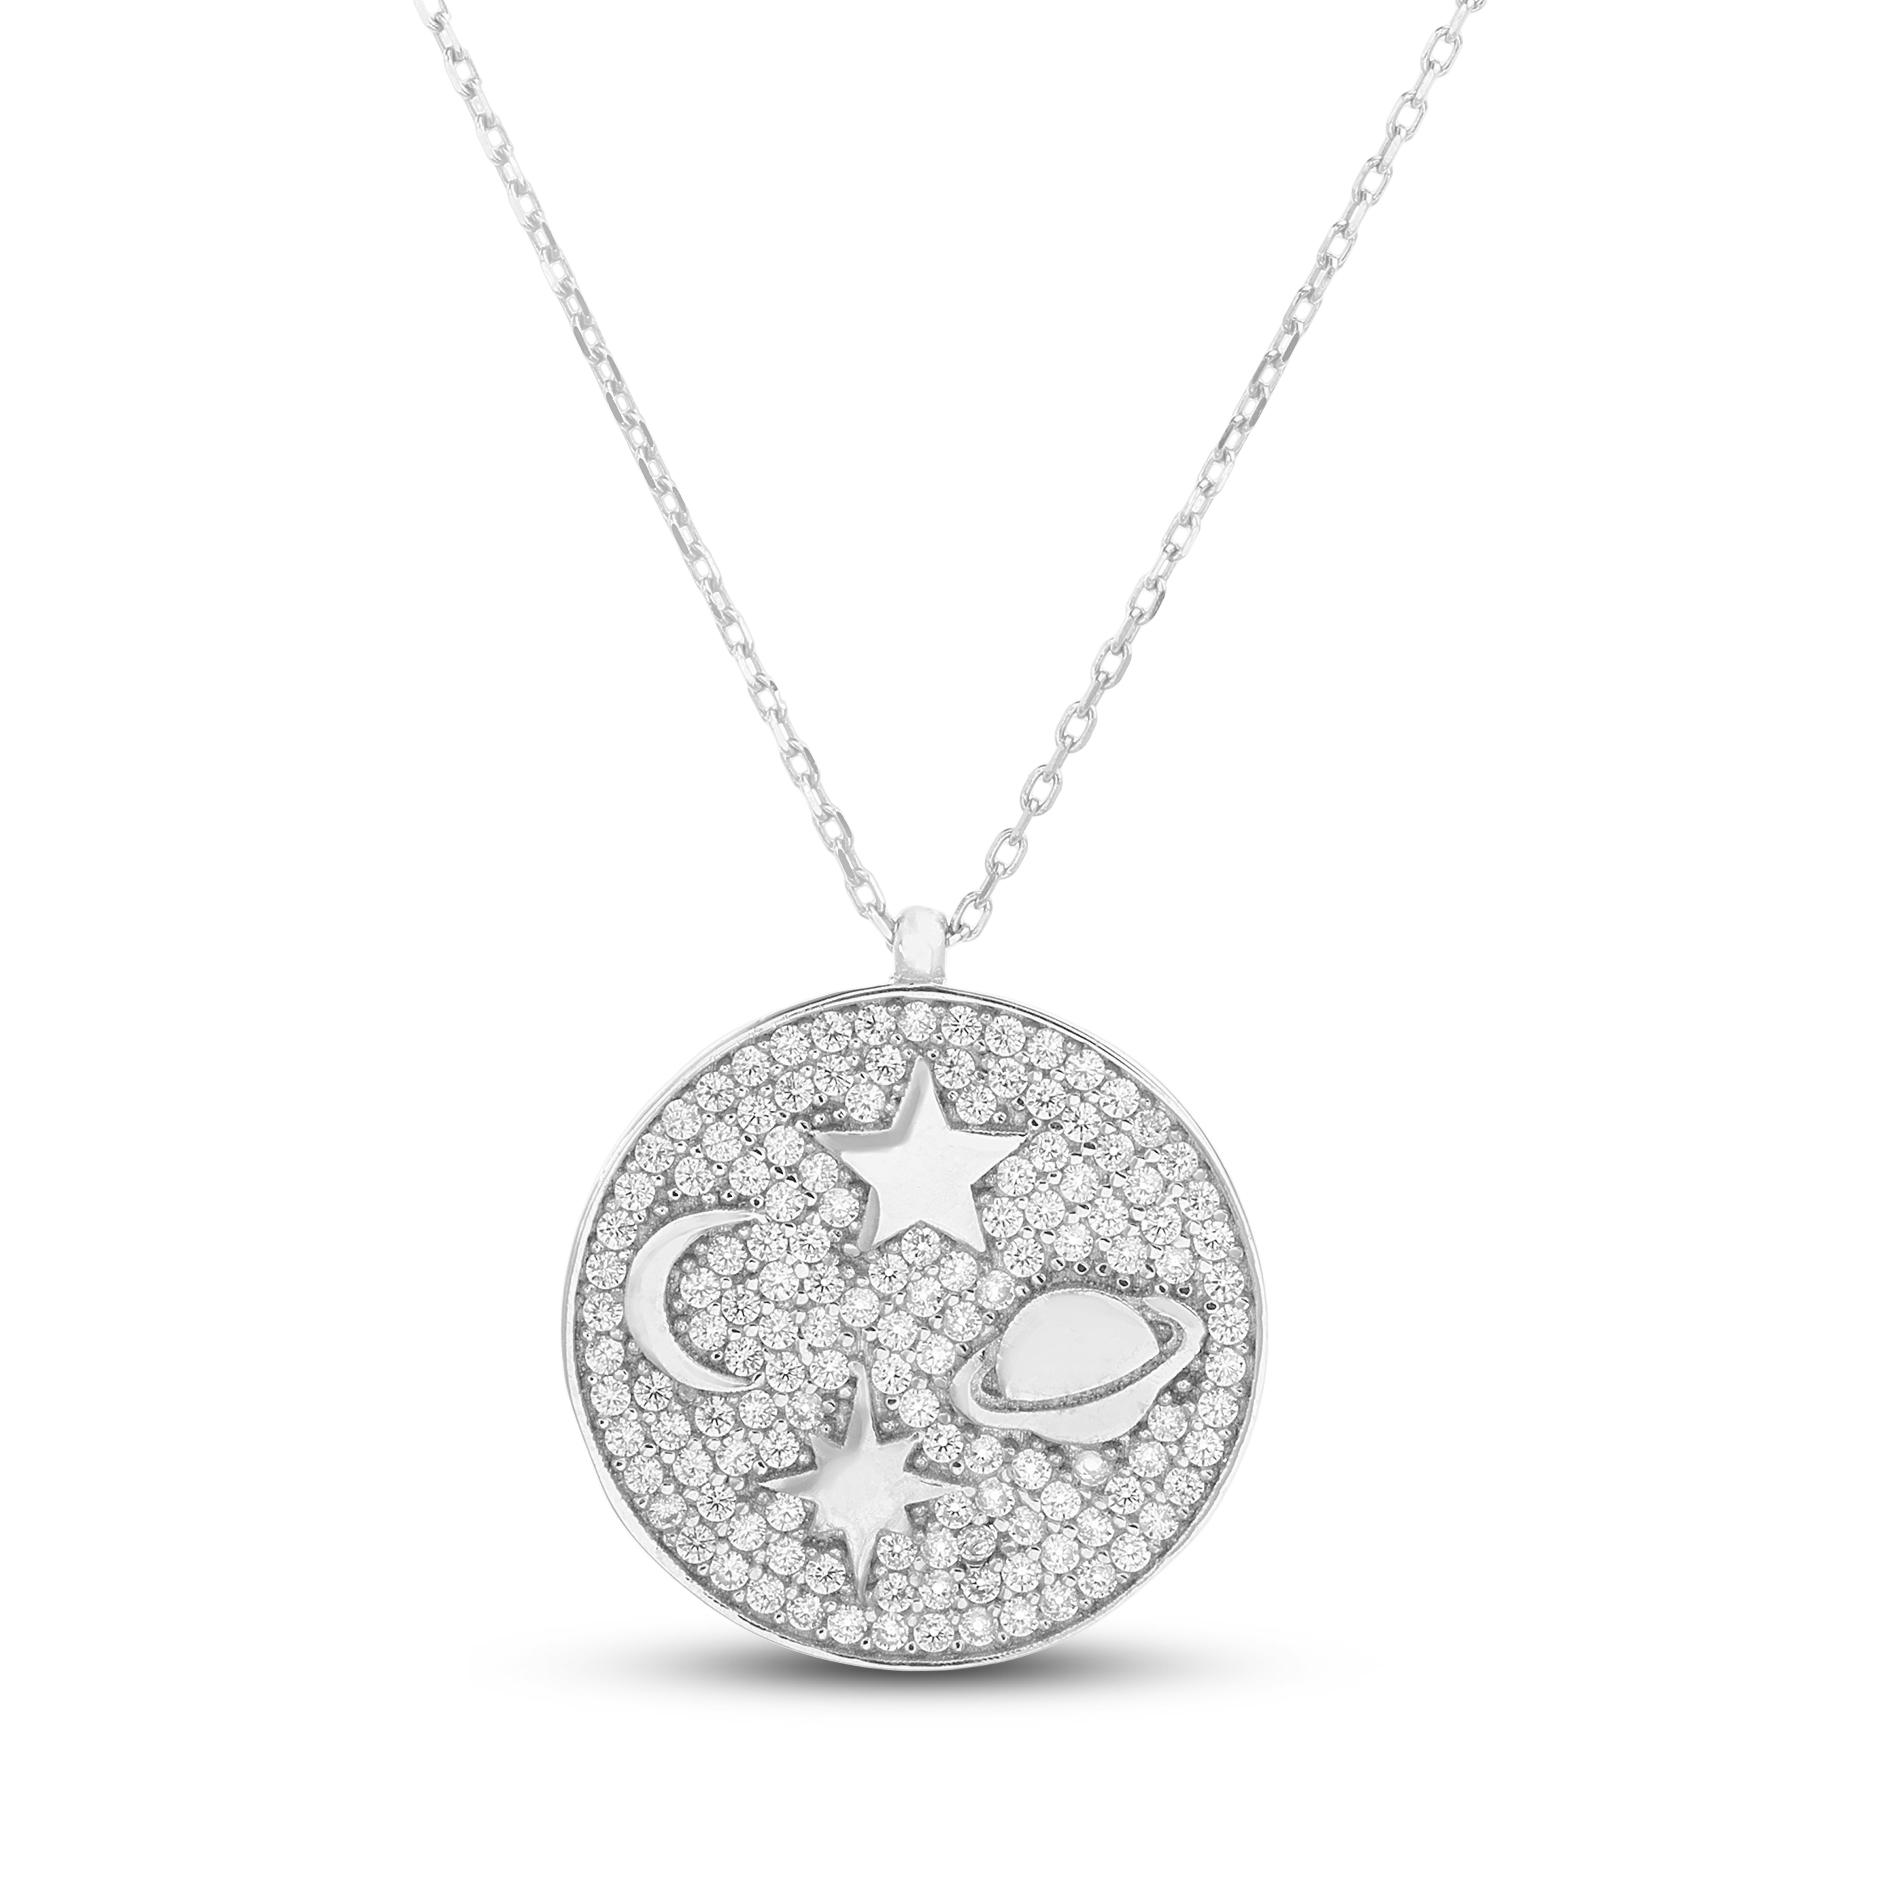 Conjunto medalla pavee con estrellas, luna y saturno